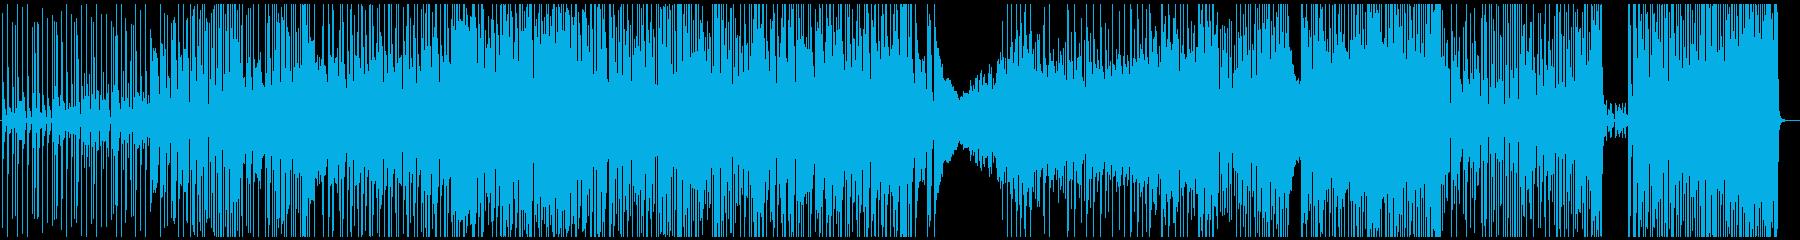 電気研究所ファンキーなブレイクビー...の再生済みの波形